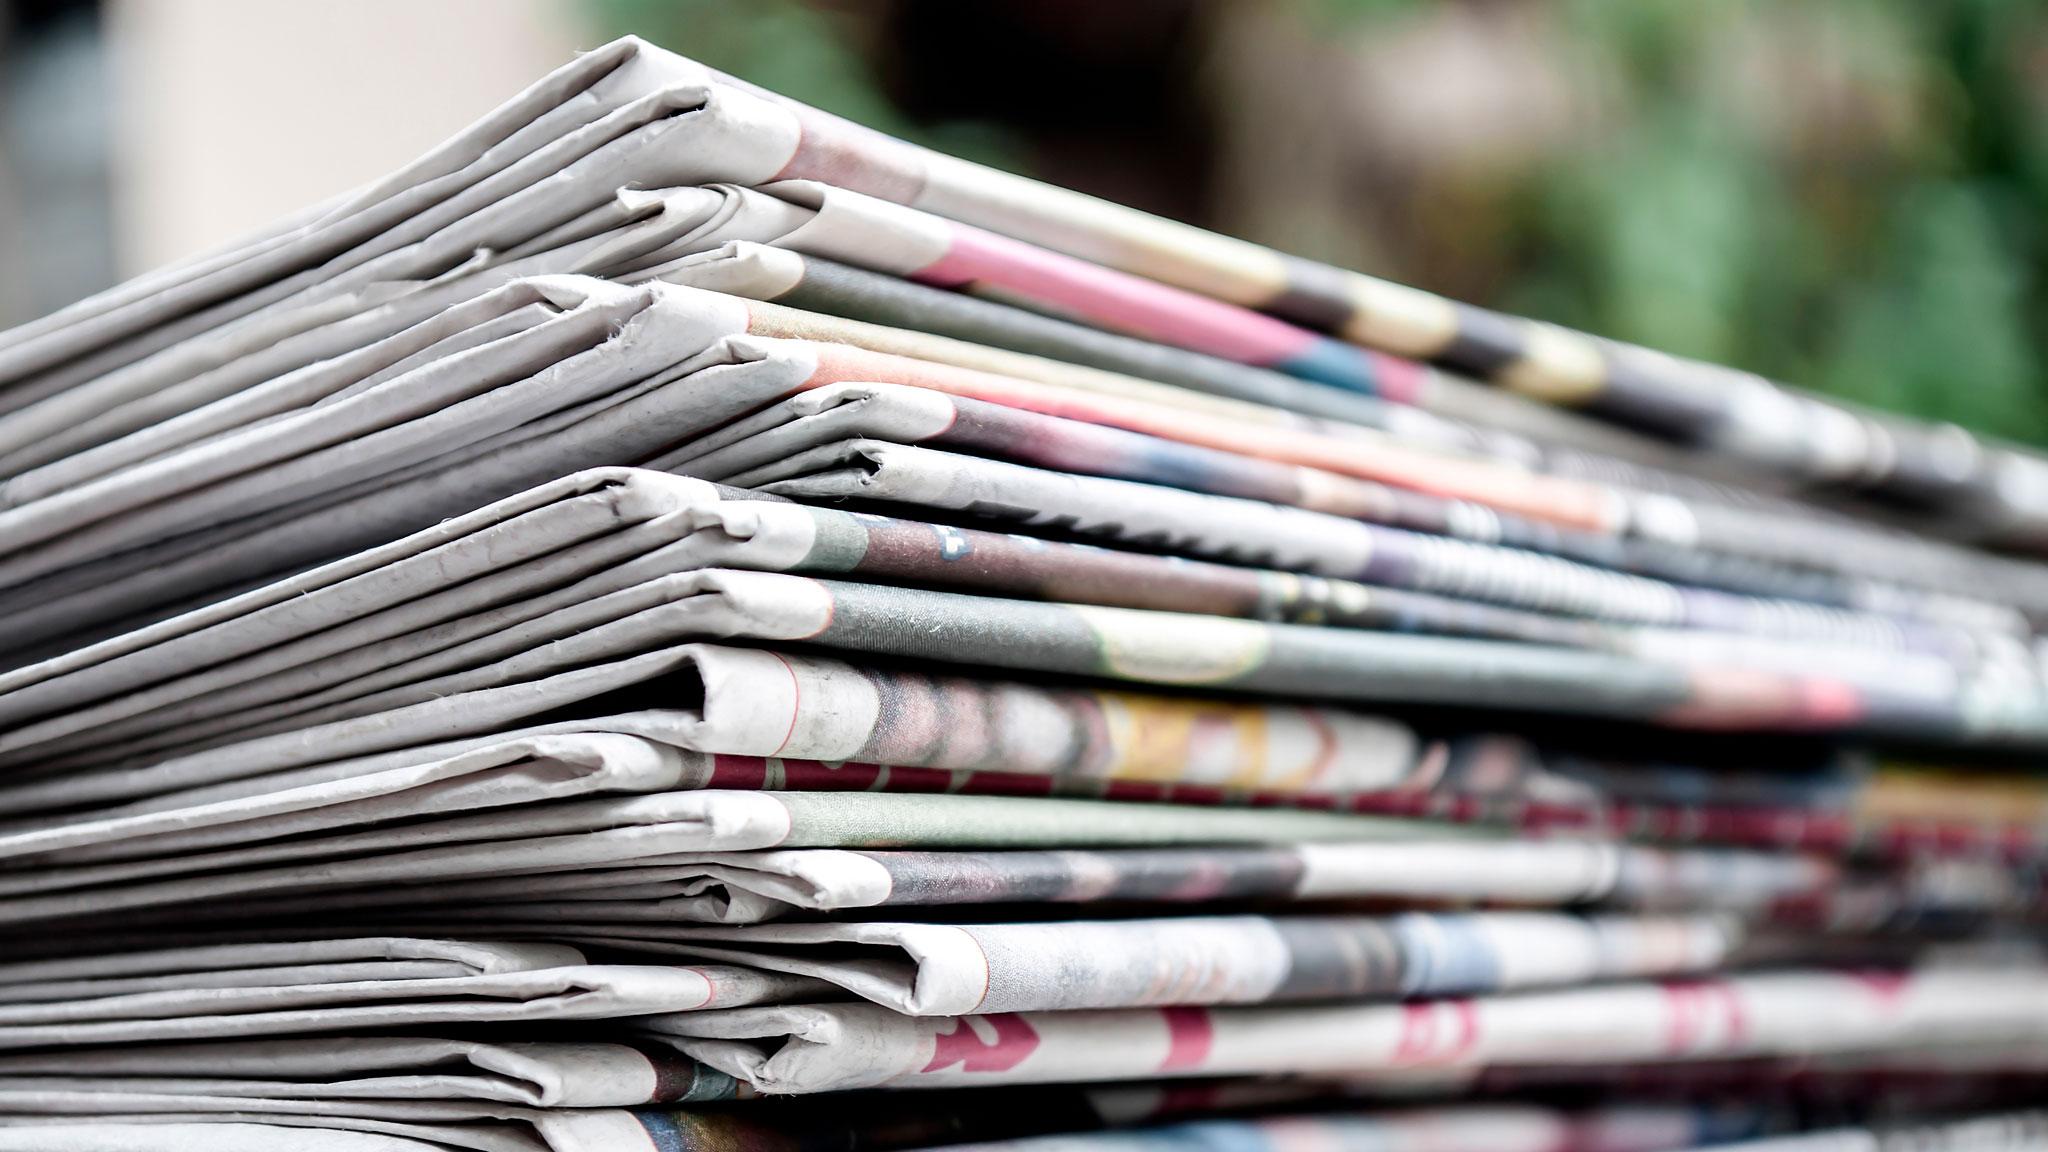 Компьютеры, фотоаппараты и автомобиль: в Тверской области поддержат 16 редакций газет